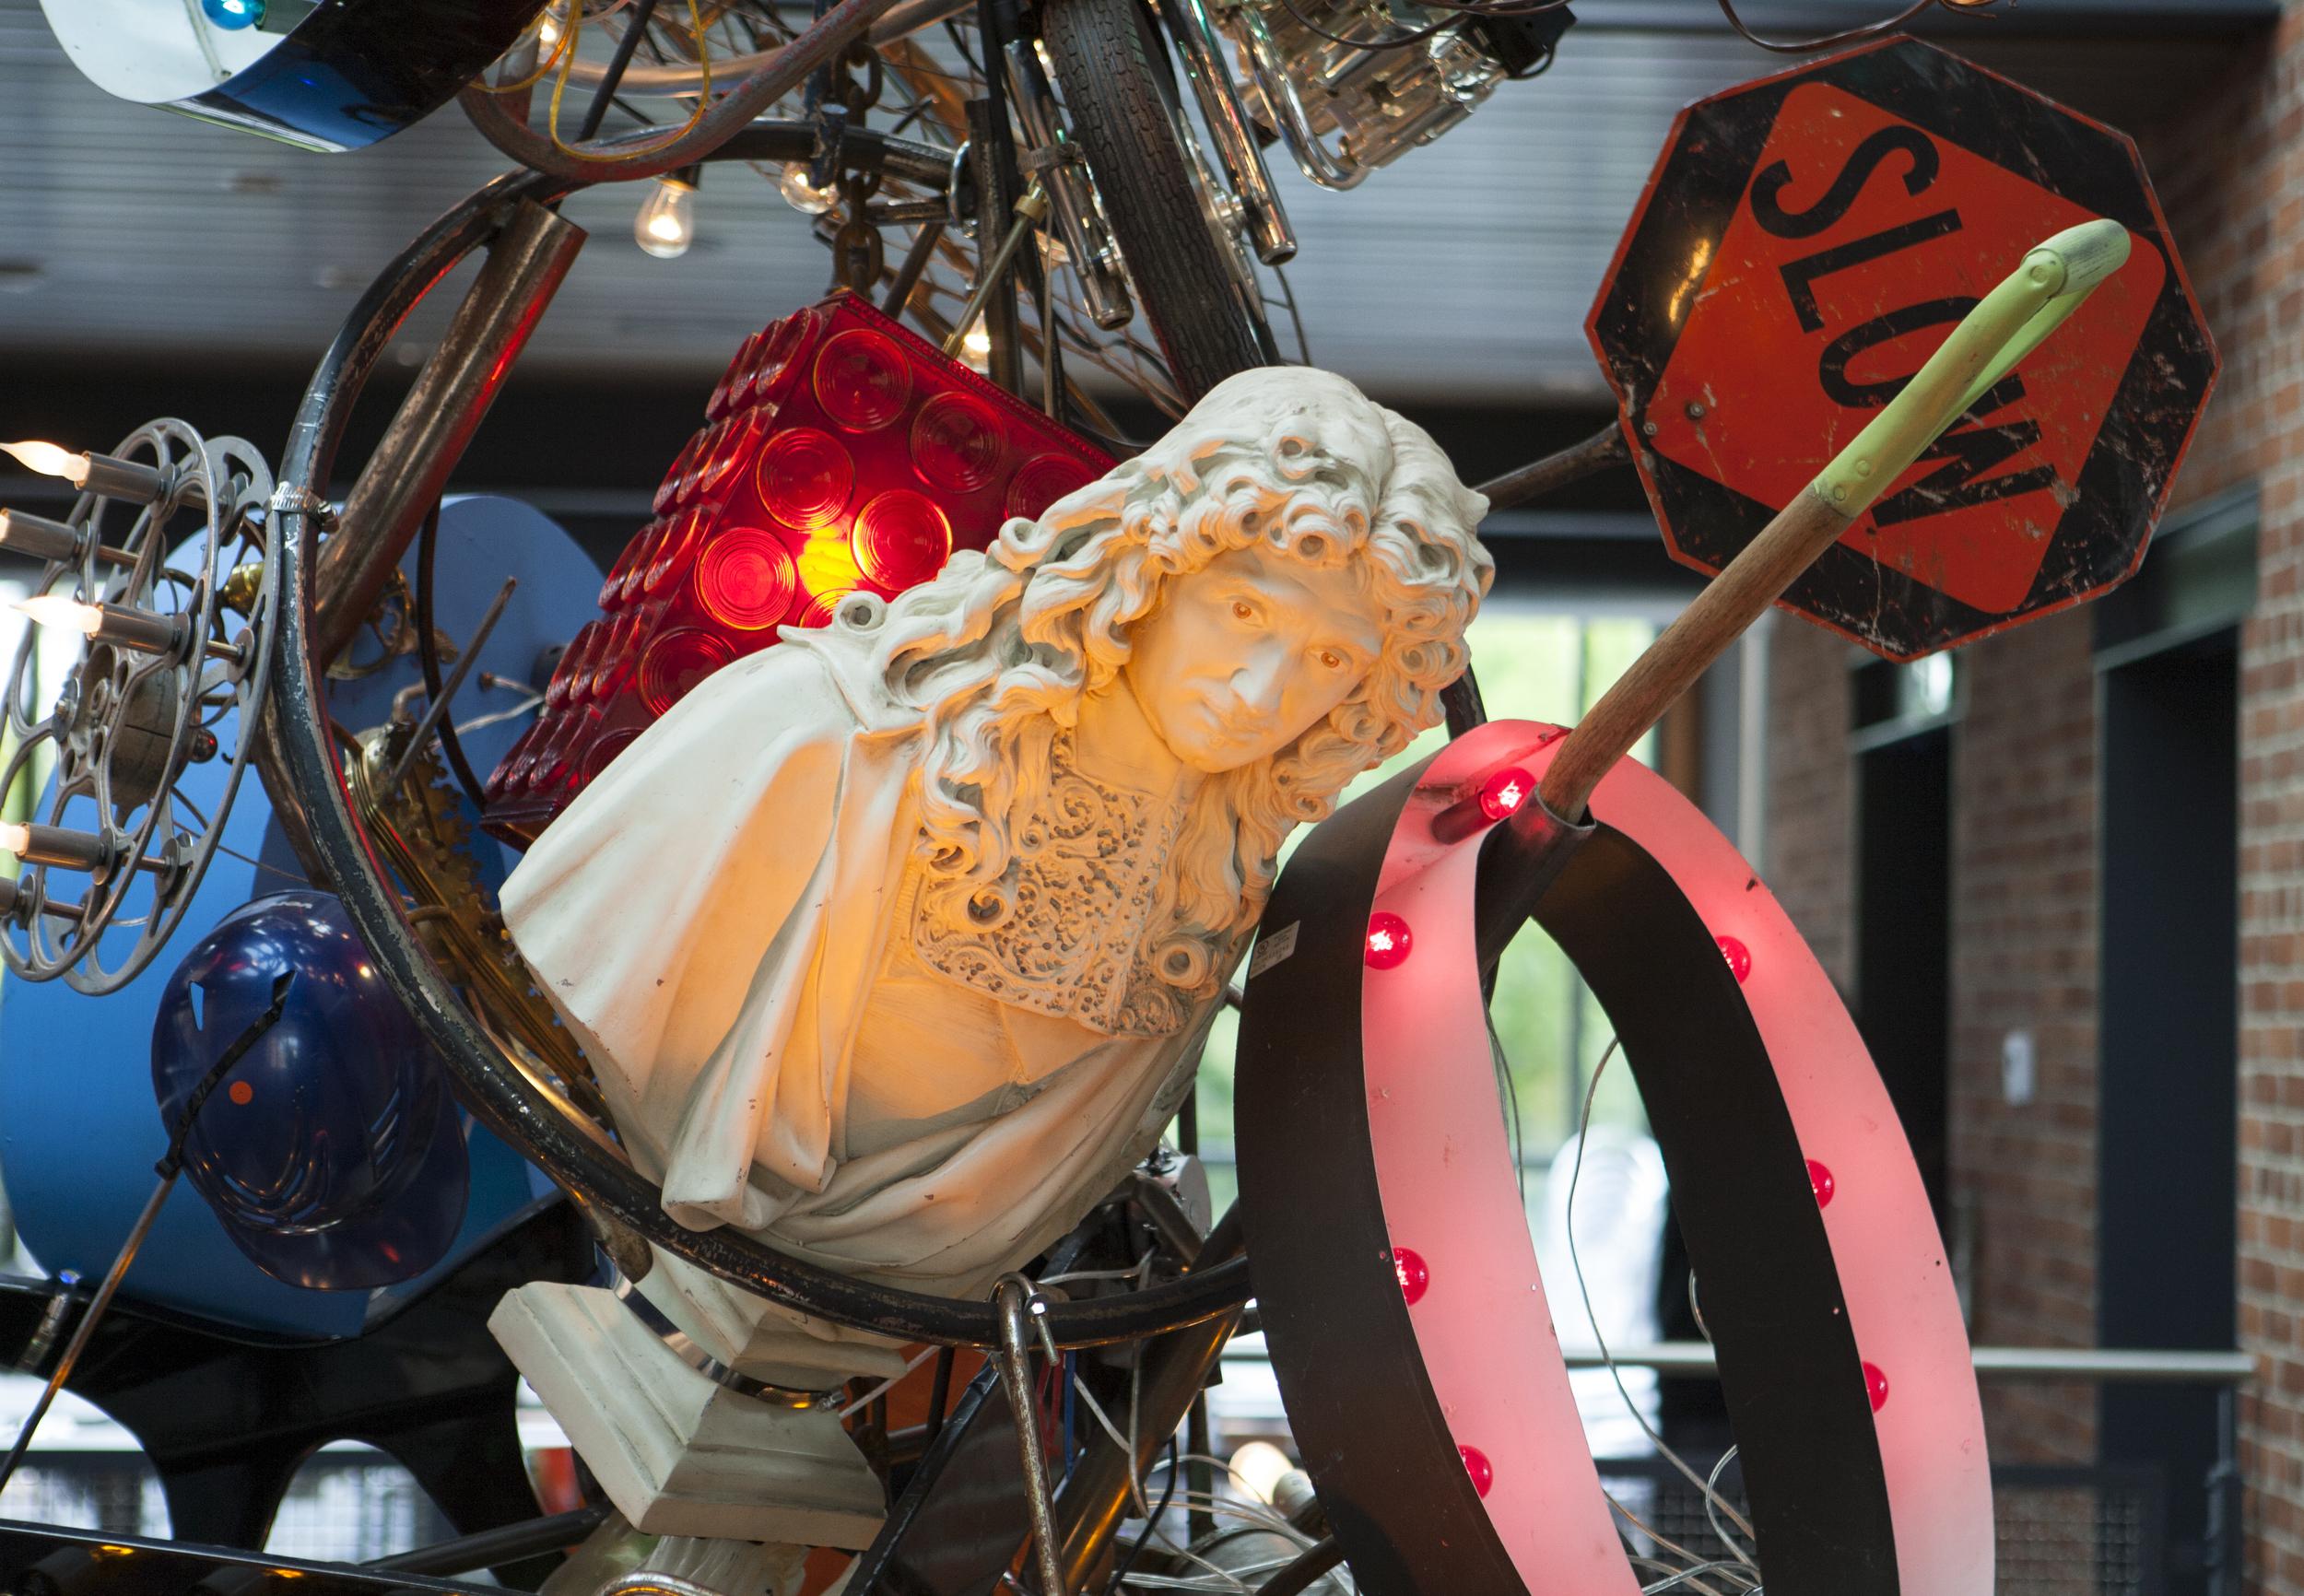 Chandelier Sculpture